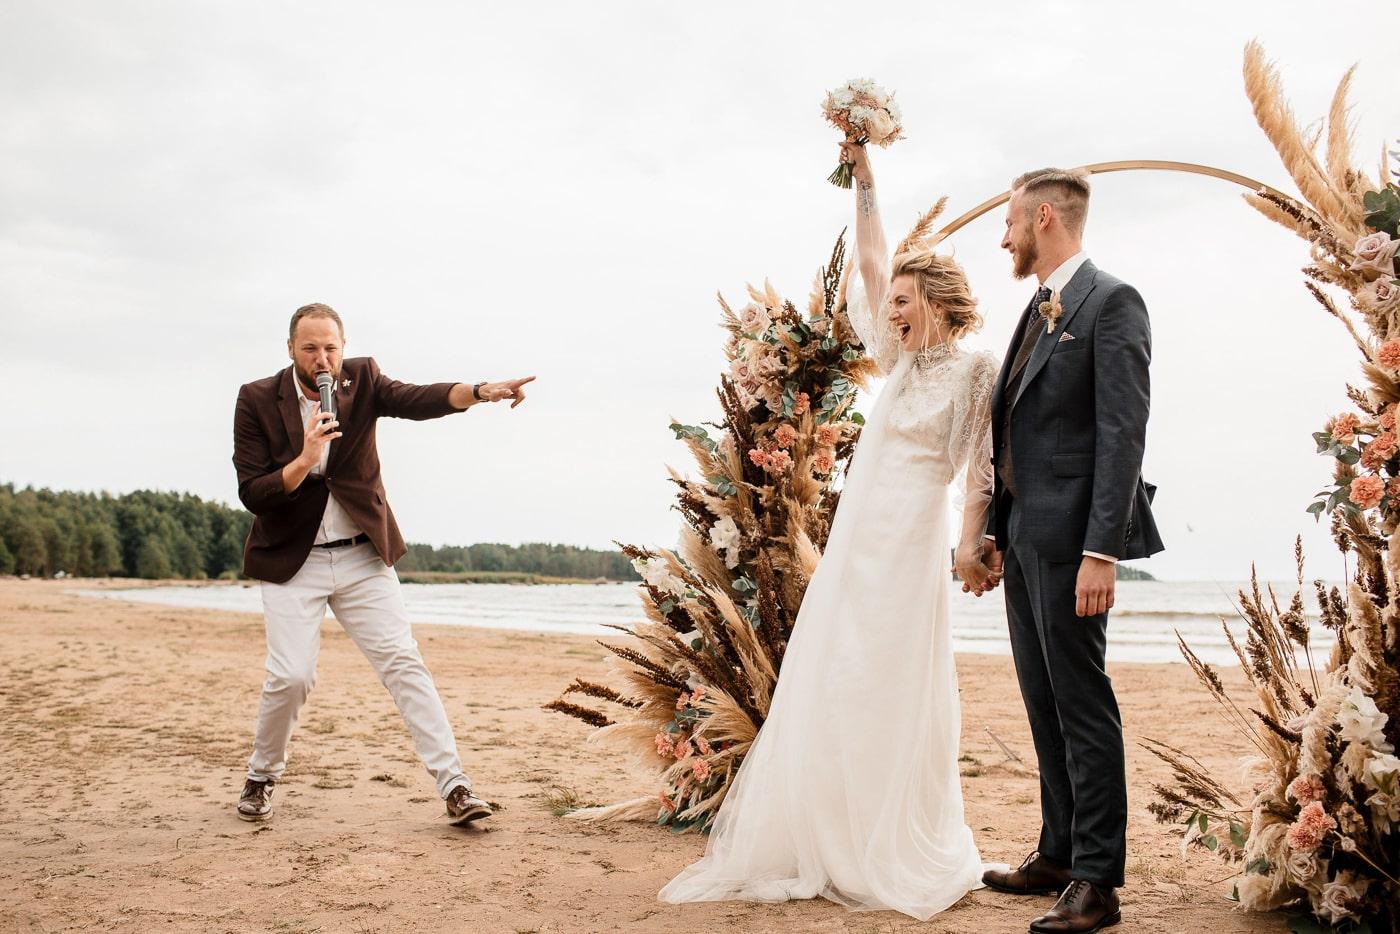 kak-organizovat-svadbu-11-26-min